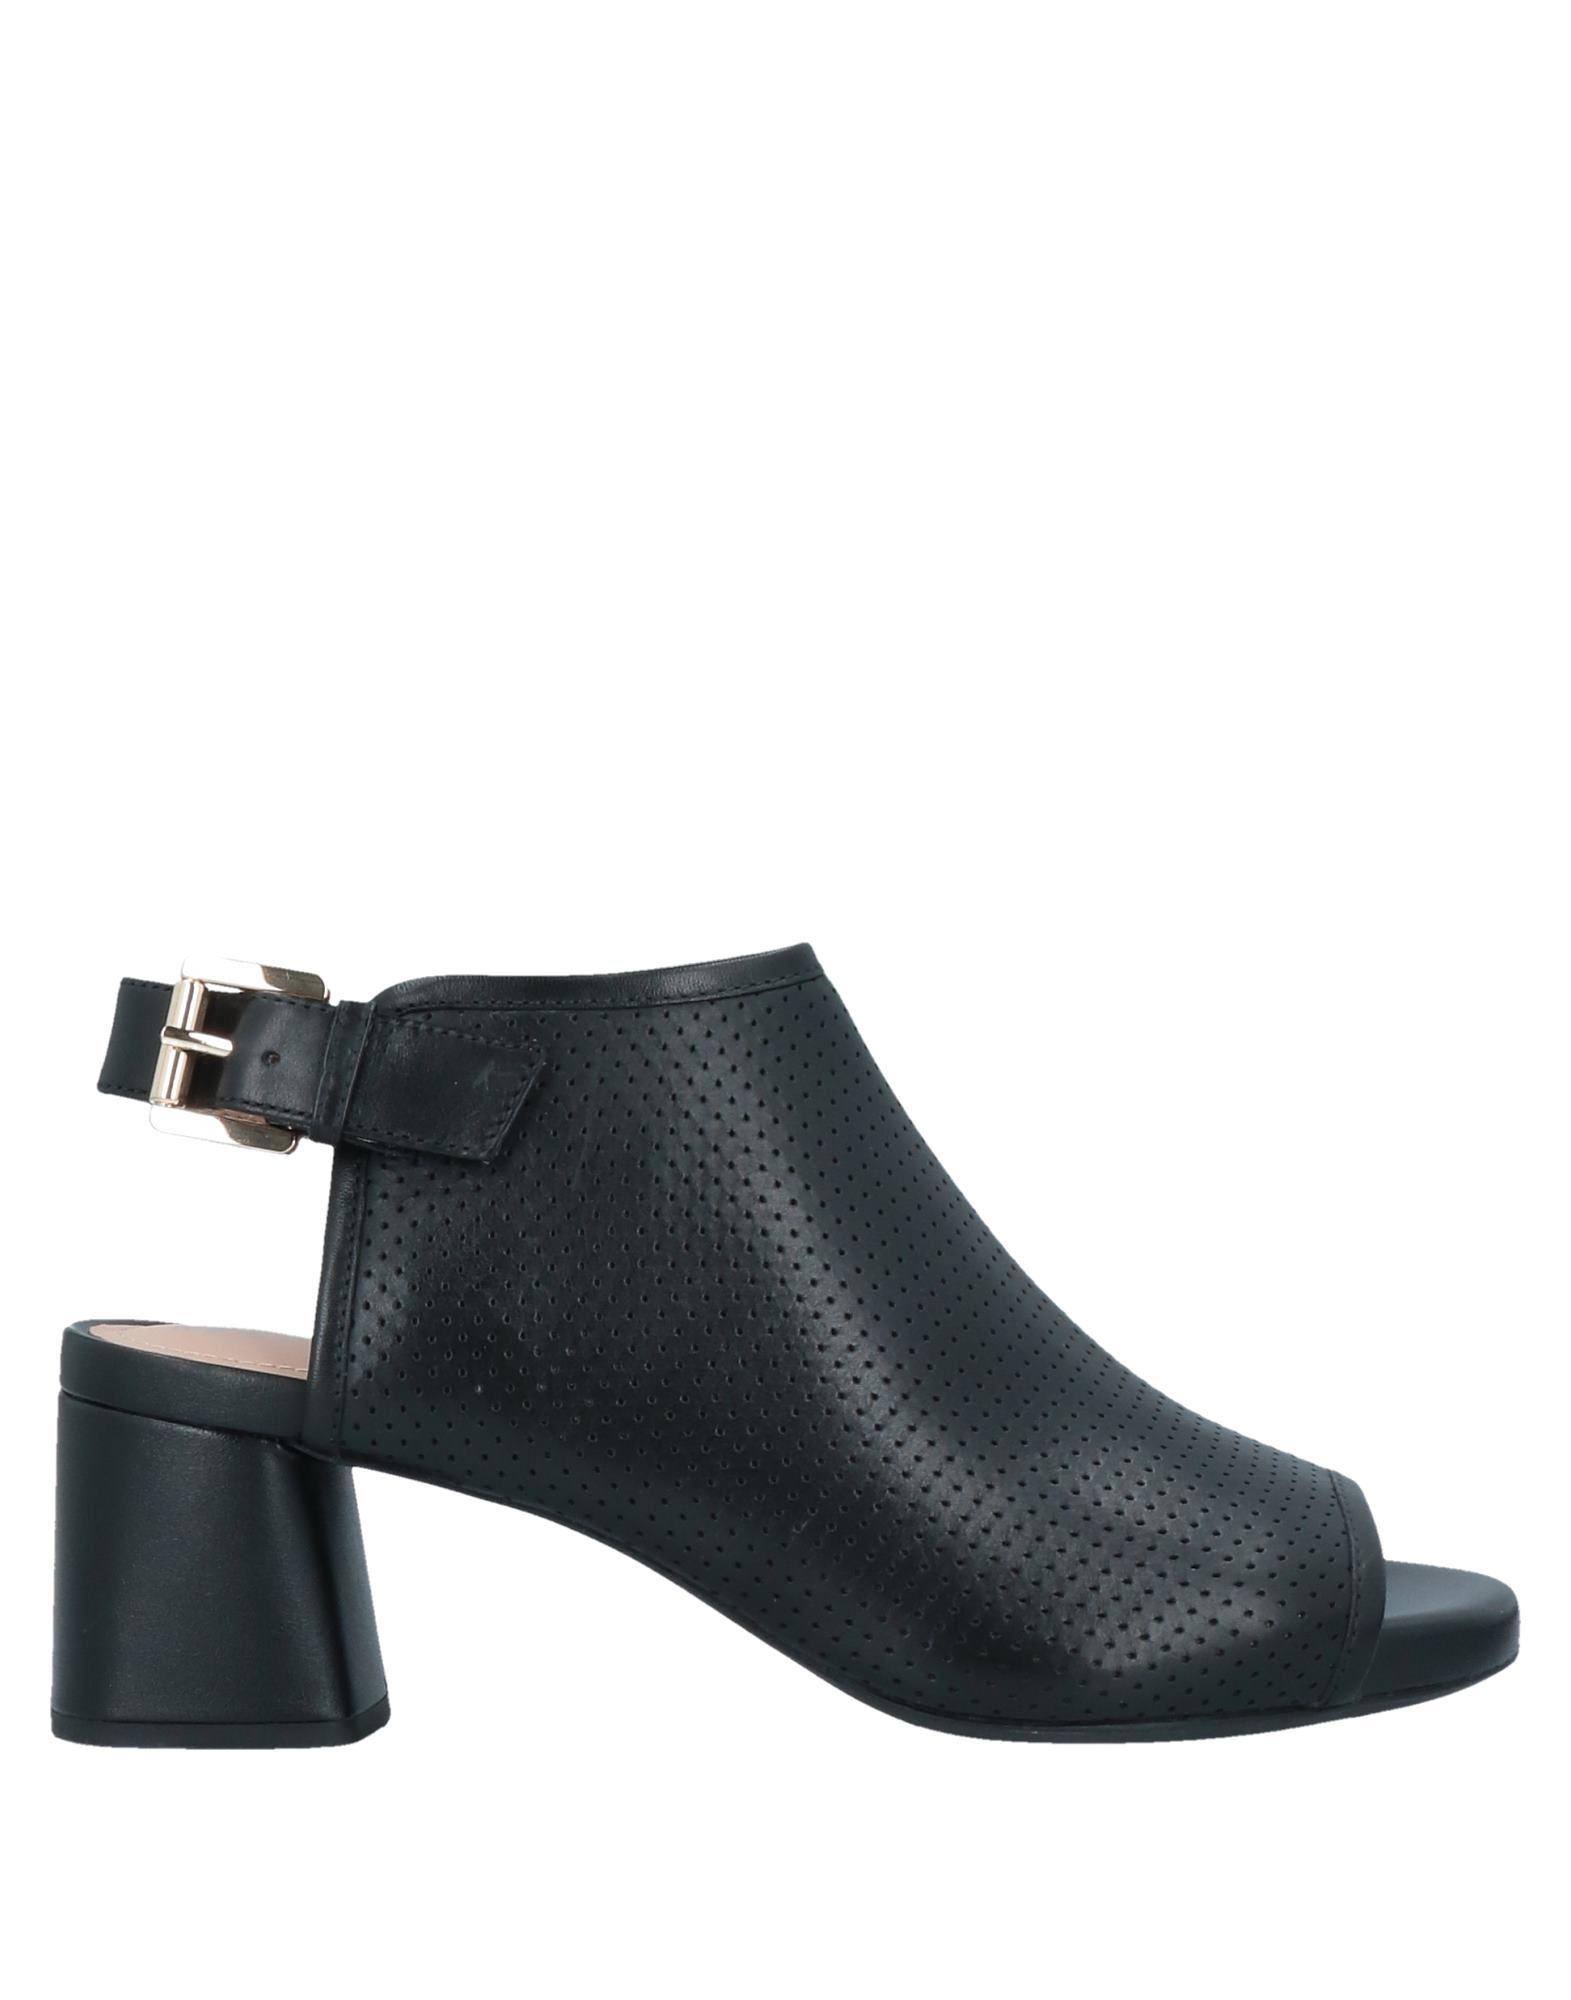 GEOX Sandals - Item 17013200